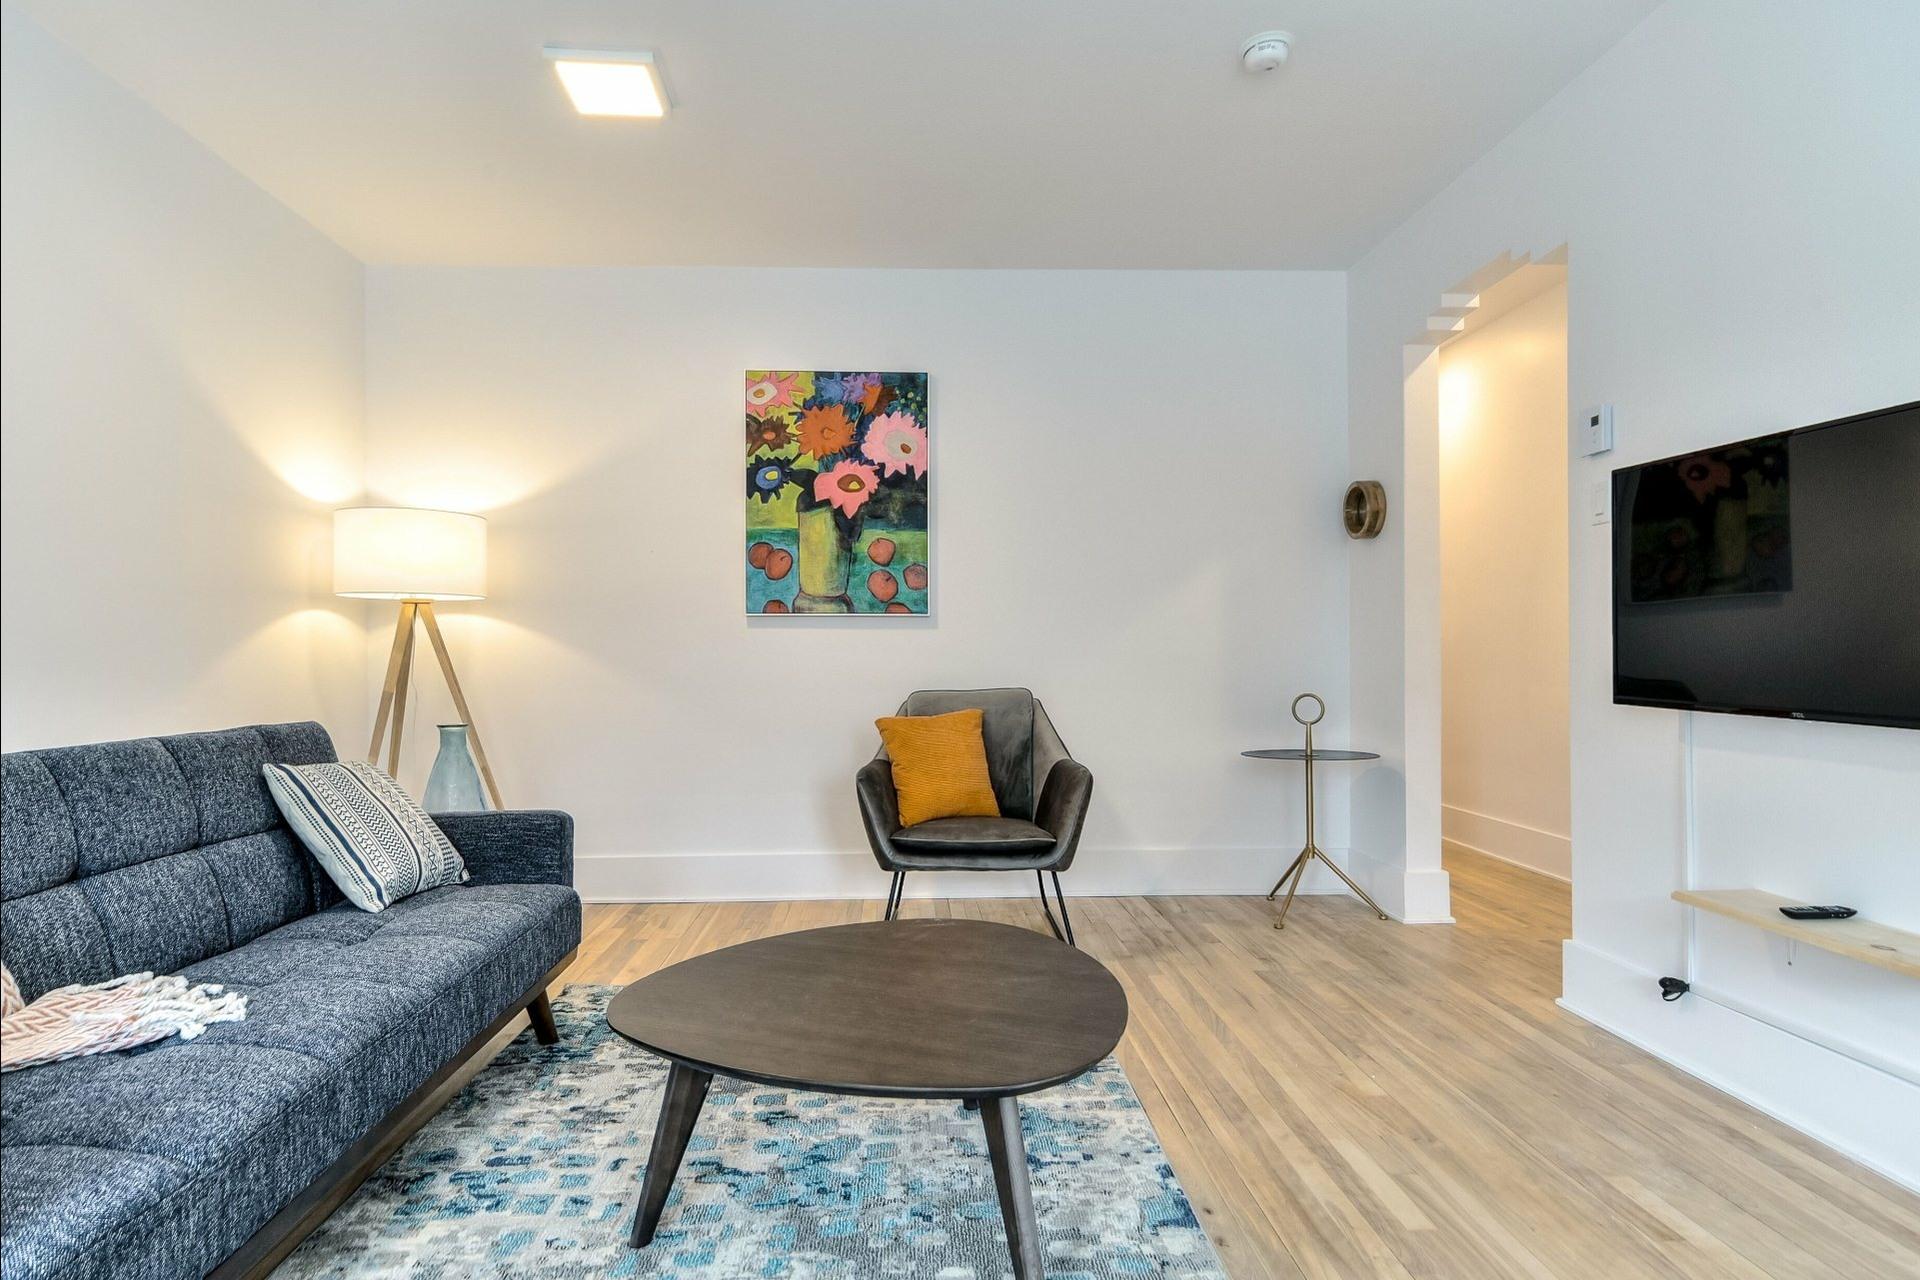 image 27 - Immeuble à revenus À vendre Montréal Villeray/Saint-Michel/Parc-Extension  - 3 pièces